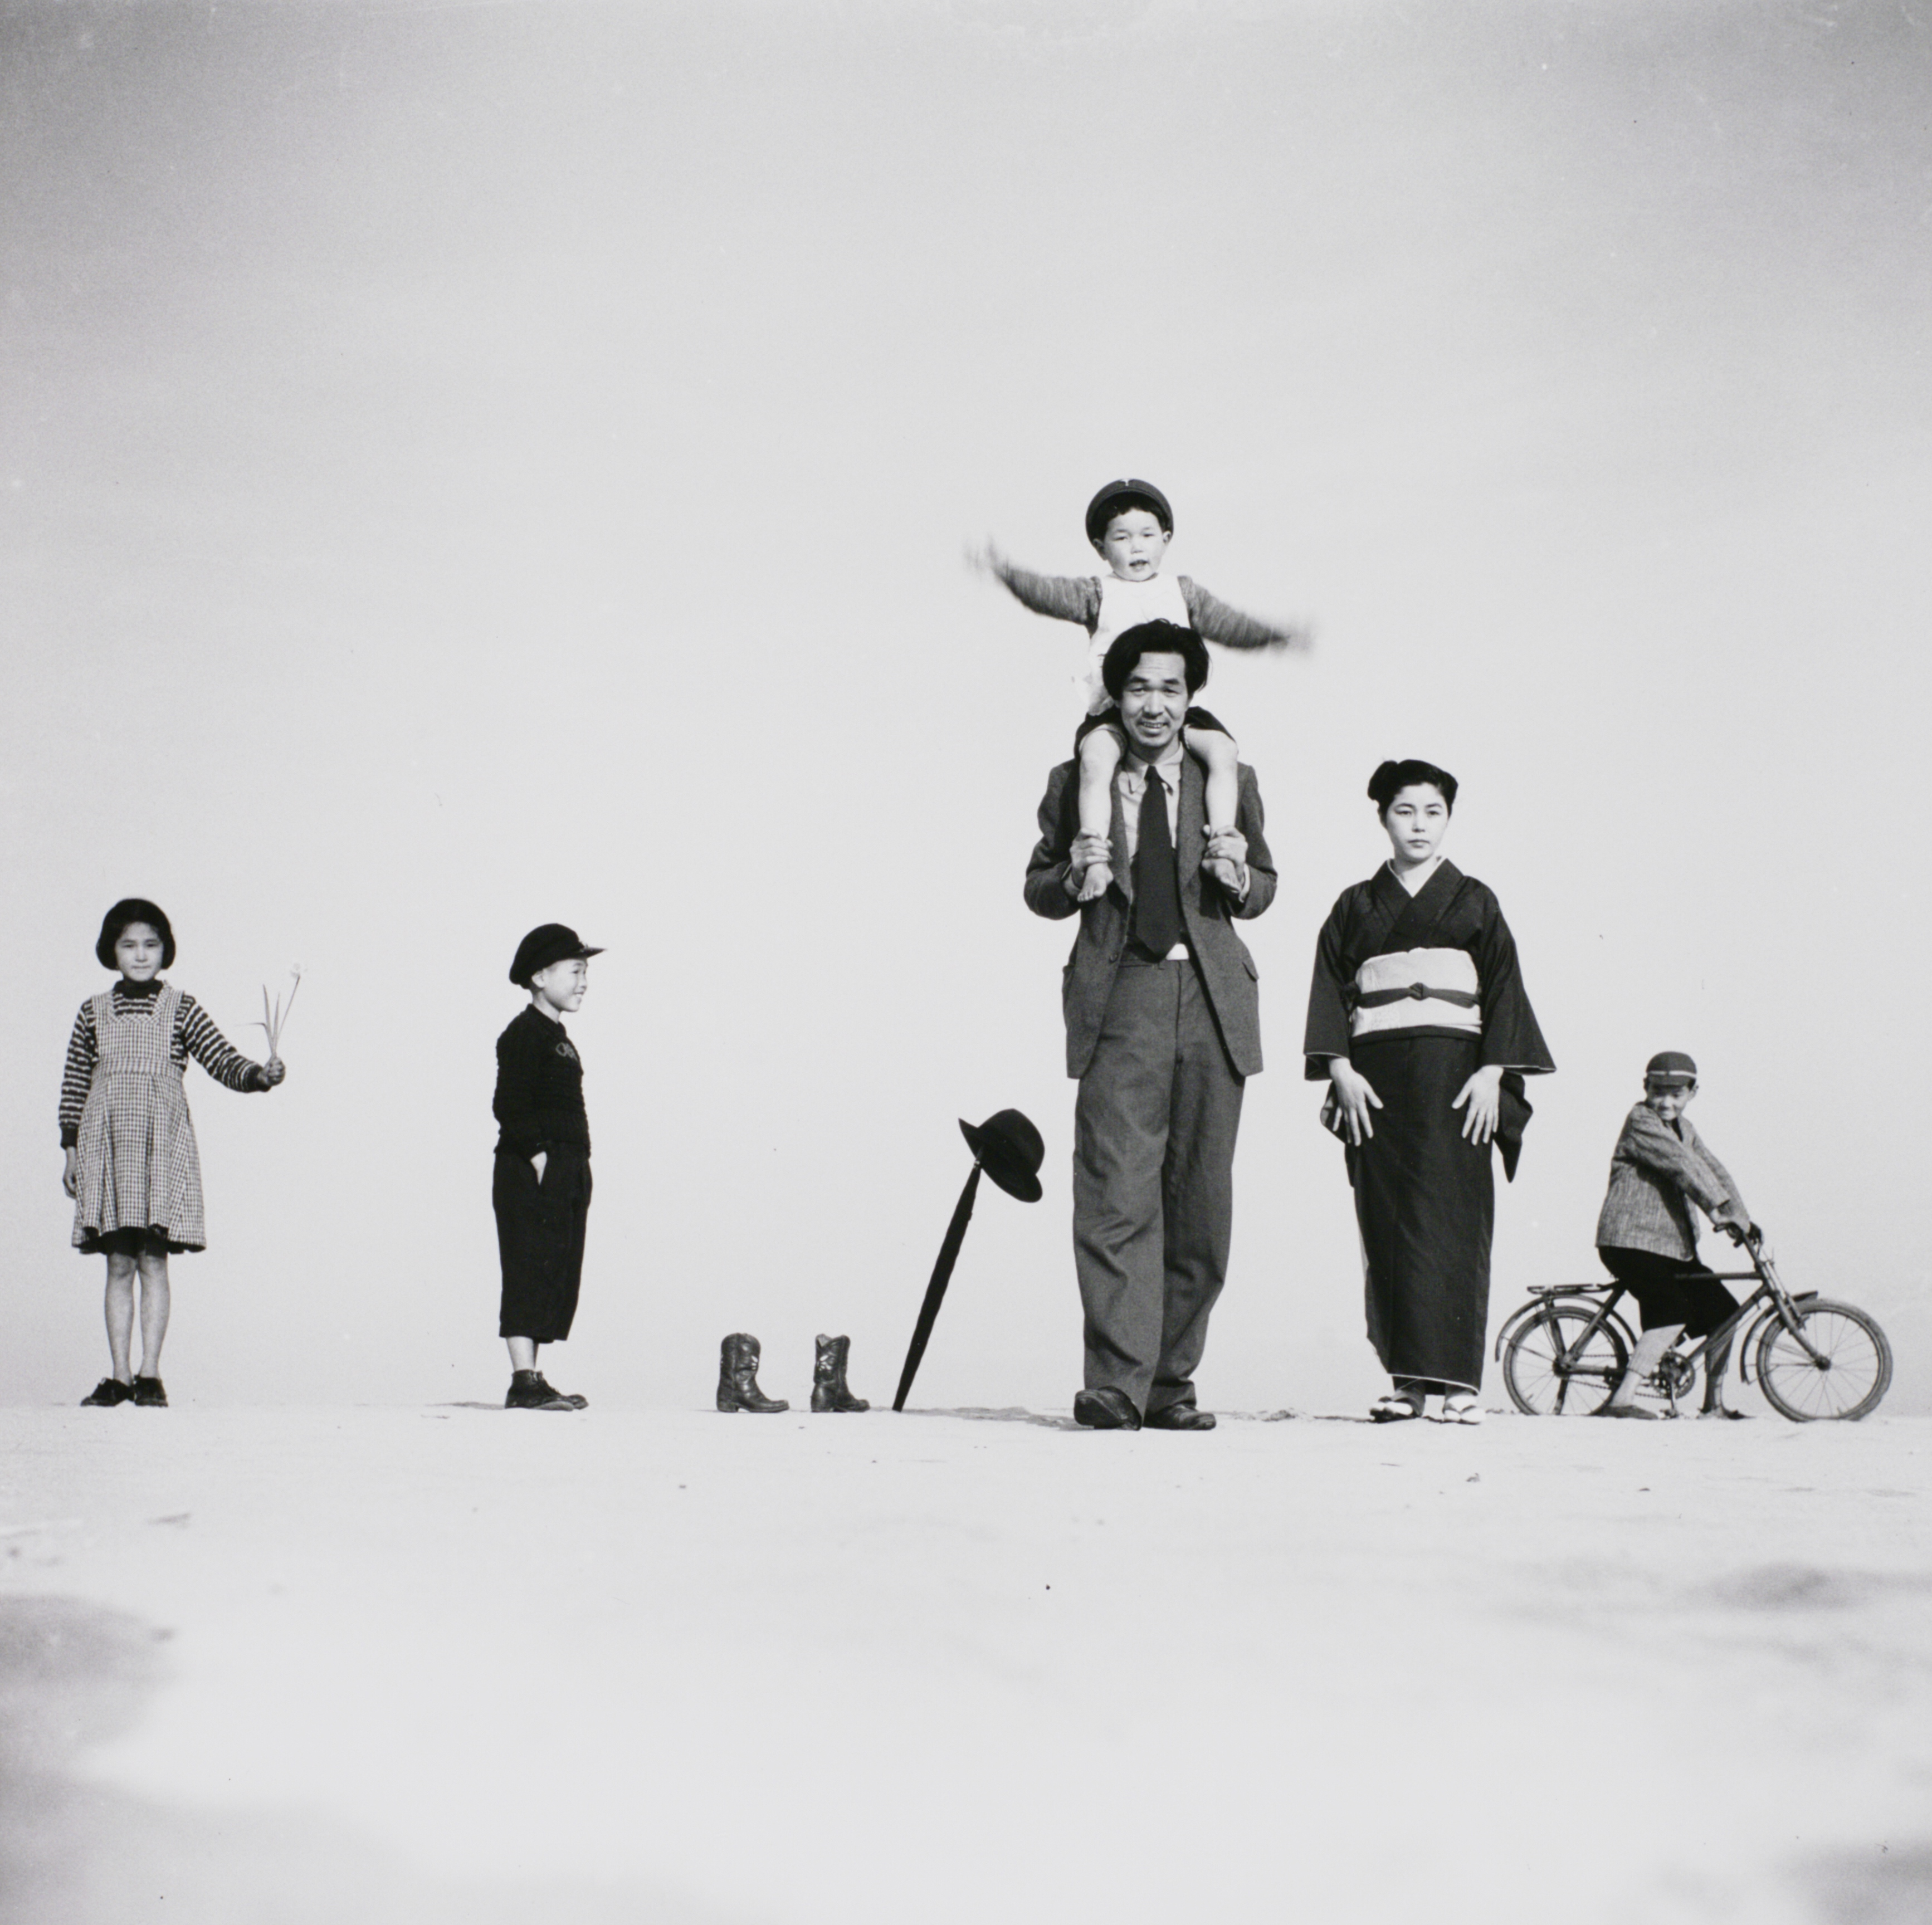 Ueda Shoji. Papa, Mama and the Children, 1949.